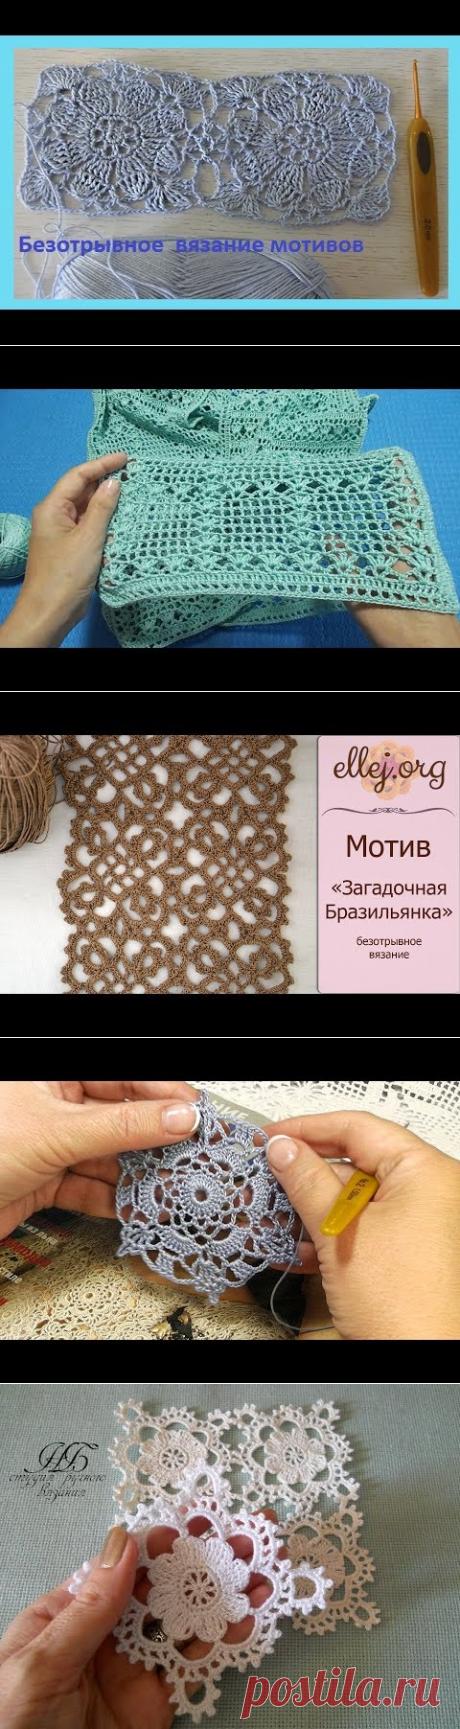 Безотрывное вязание мотивов . Crochet motifs ( узор № 132 ) - YouTube